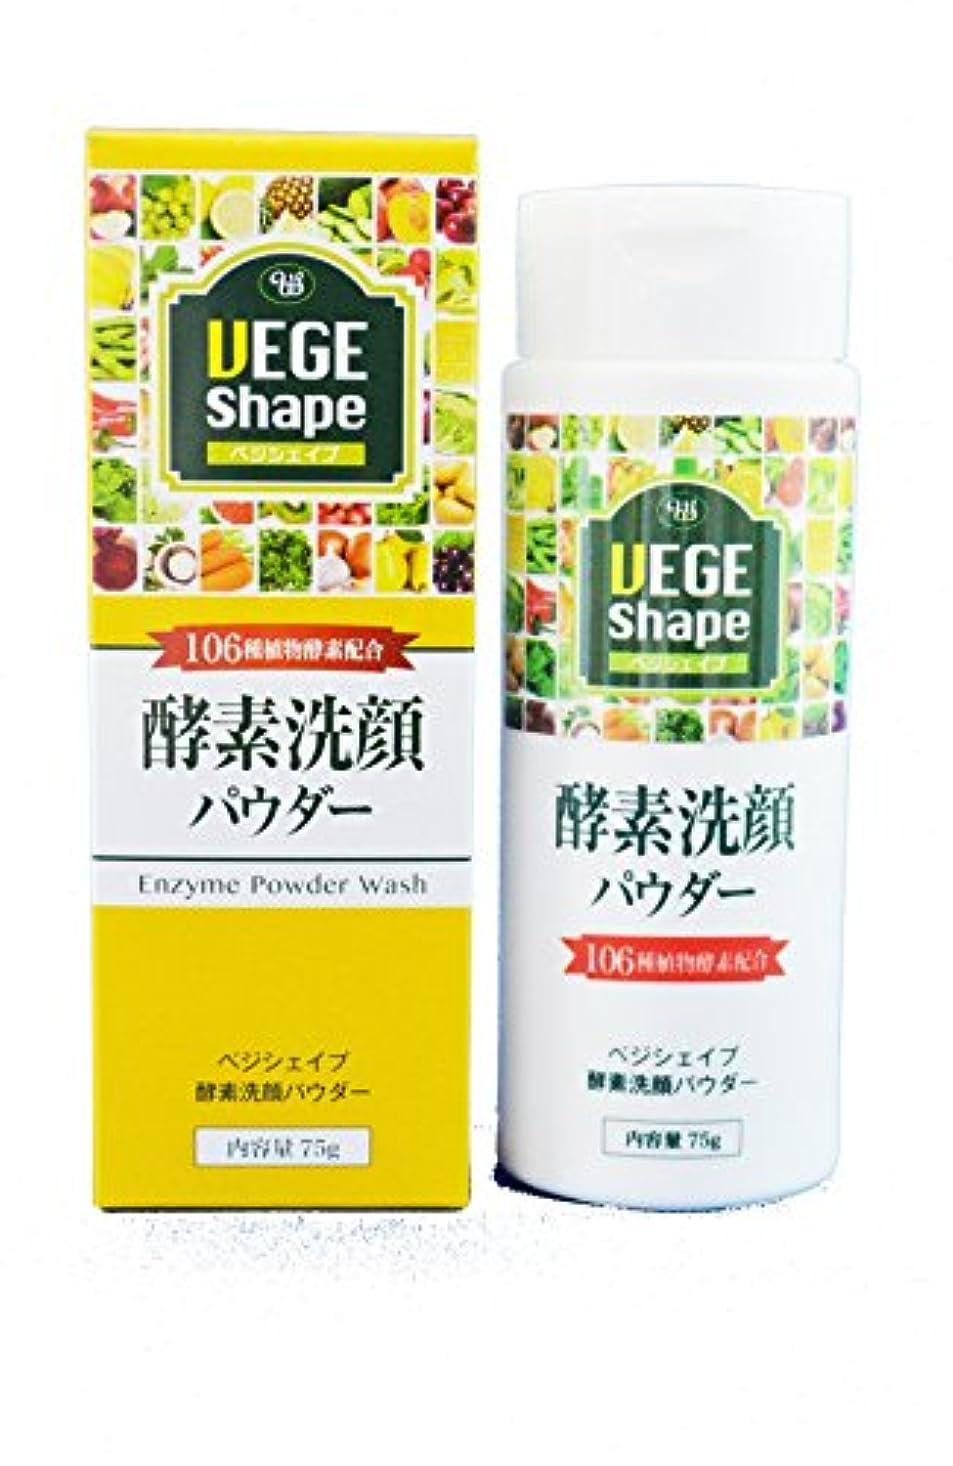 抹消マラウイ資本主義VEGE Shape Powder Wash ベジシェイプ 洗顔パウダー 75g